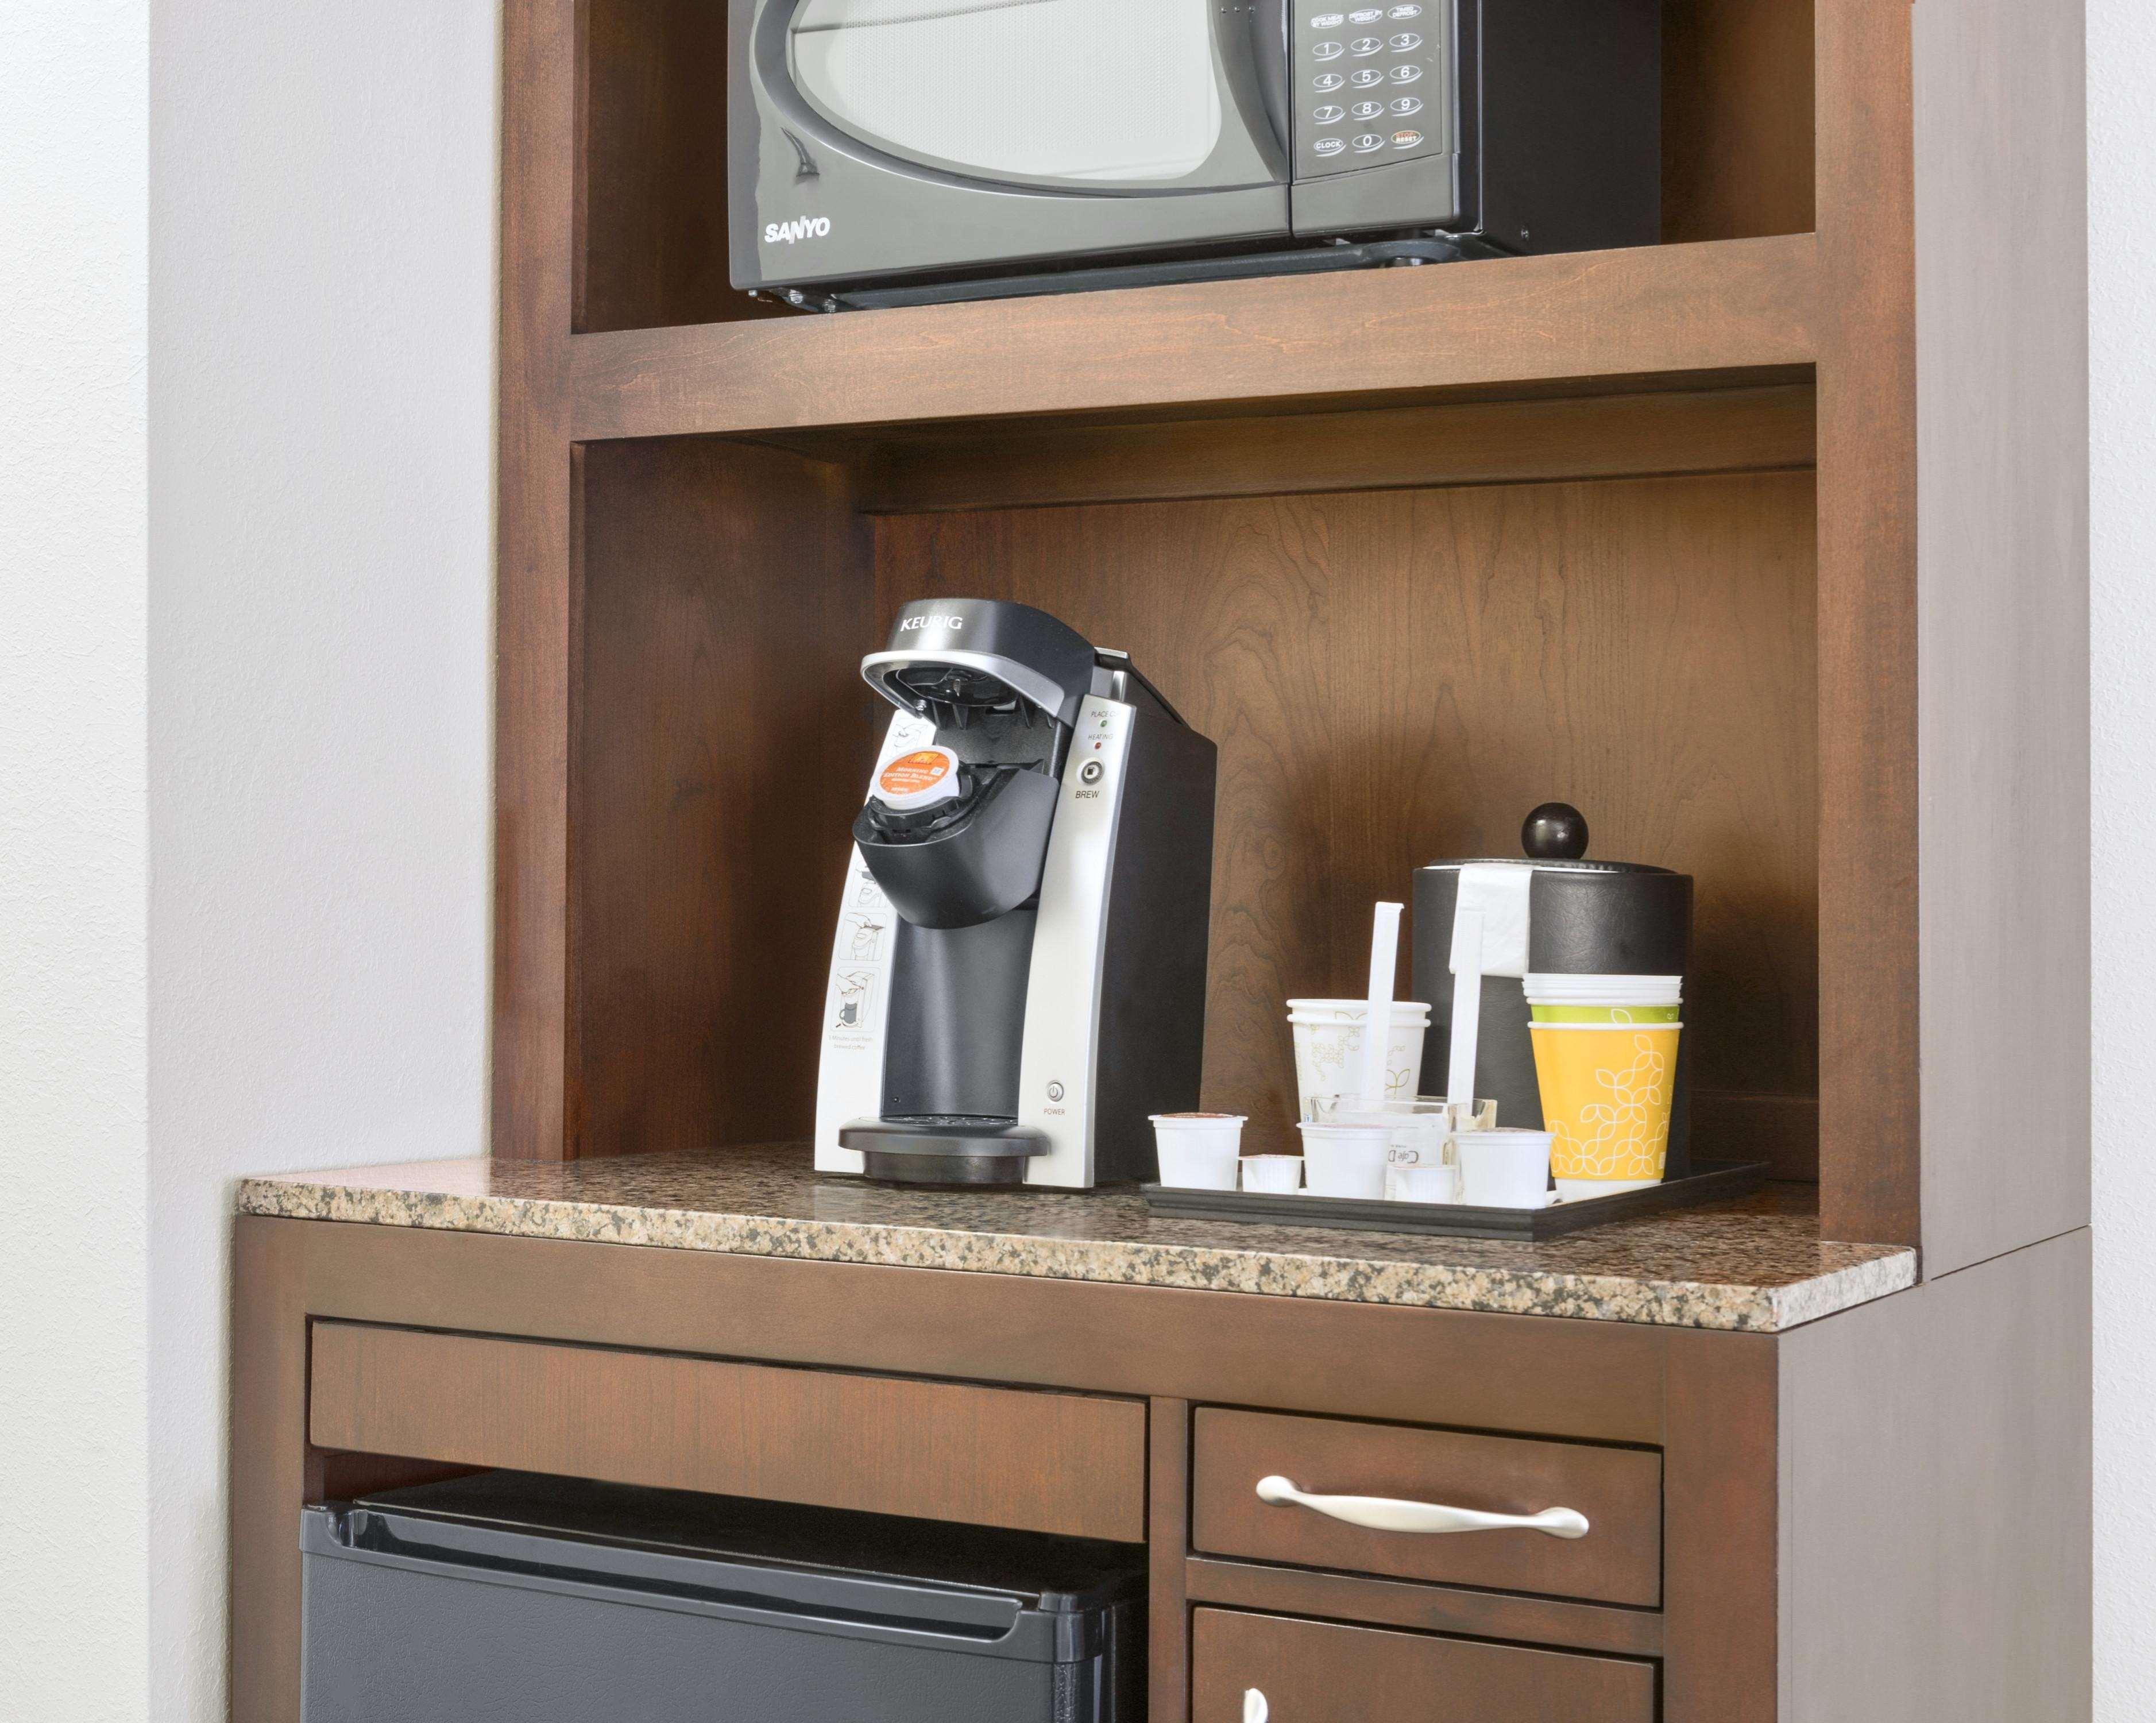 In-room Keurig Coffee